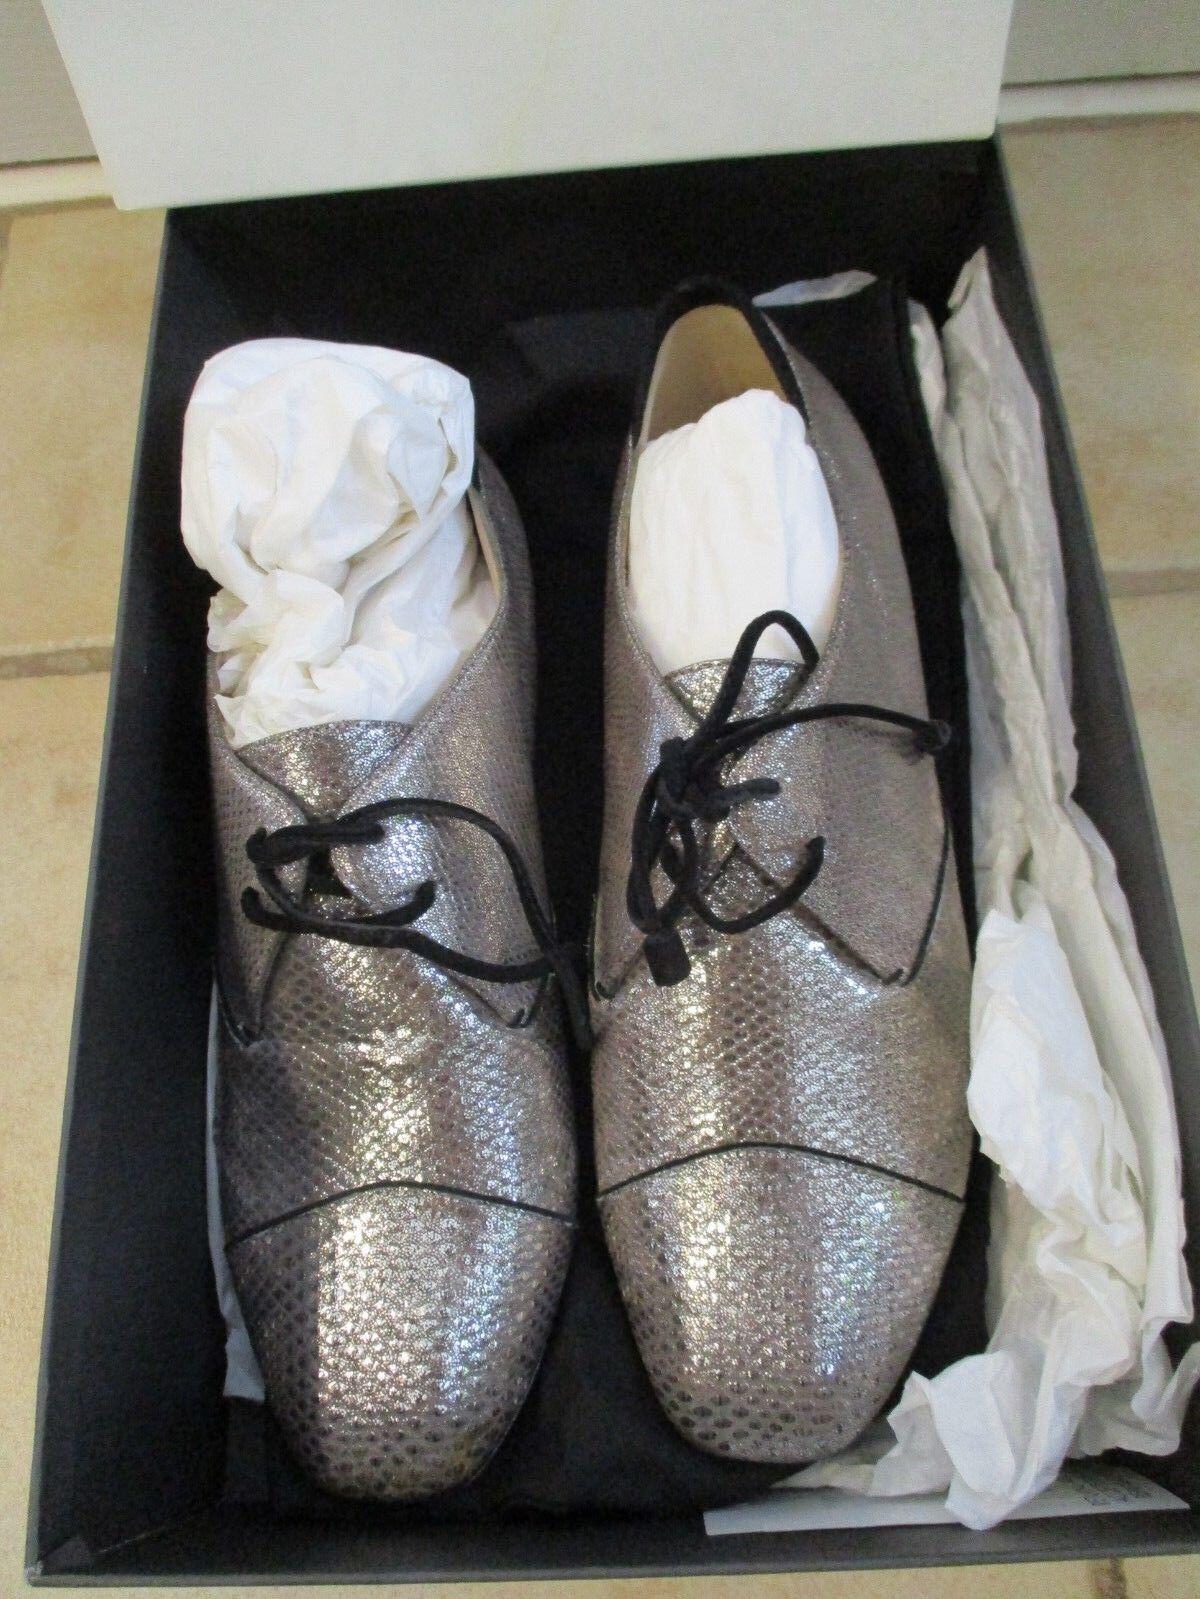 Nuova w    Box Nicholas Kirkwood argento scarpe w   Suede Laces, Italia, 38  8.5, Bellezza  consegna diretta e rapida in fabbrica